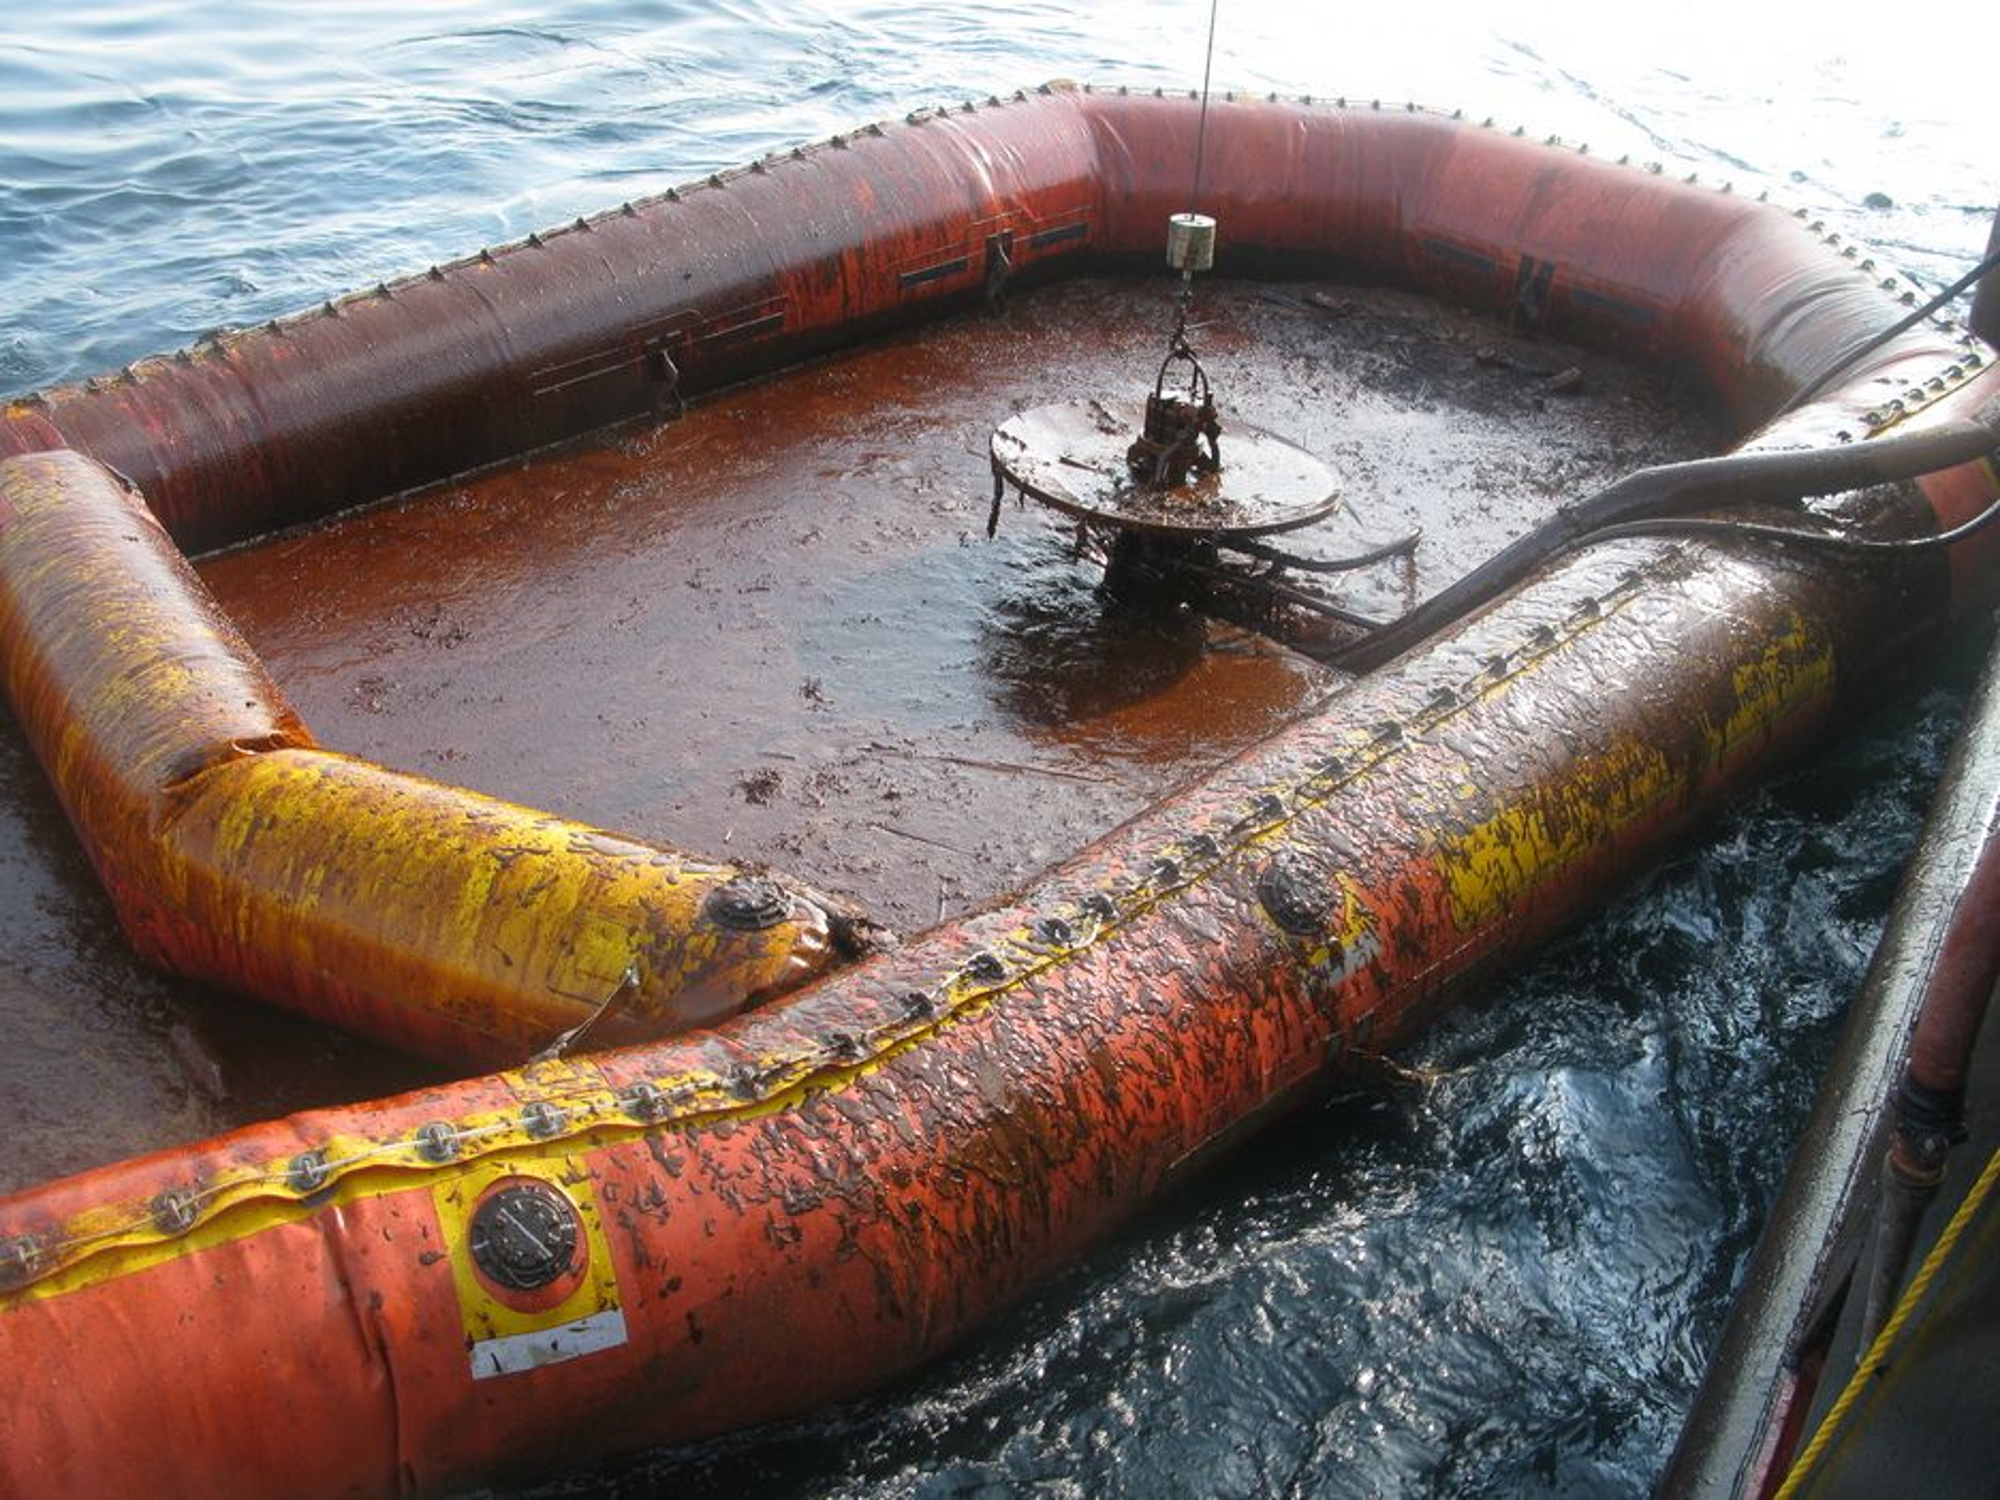 TYKT: Den største Busteren samlet opptil 800 fat olje pr. døgn i Mexicogulfen.